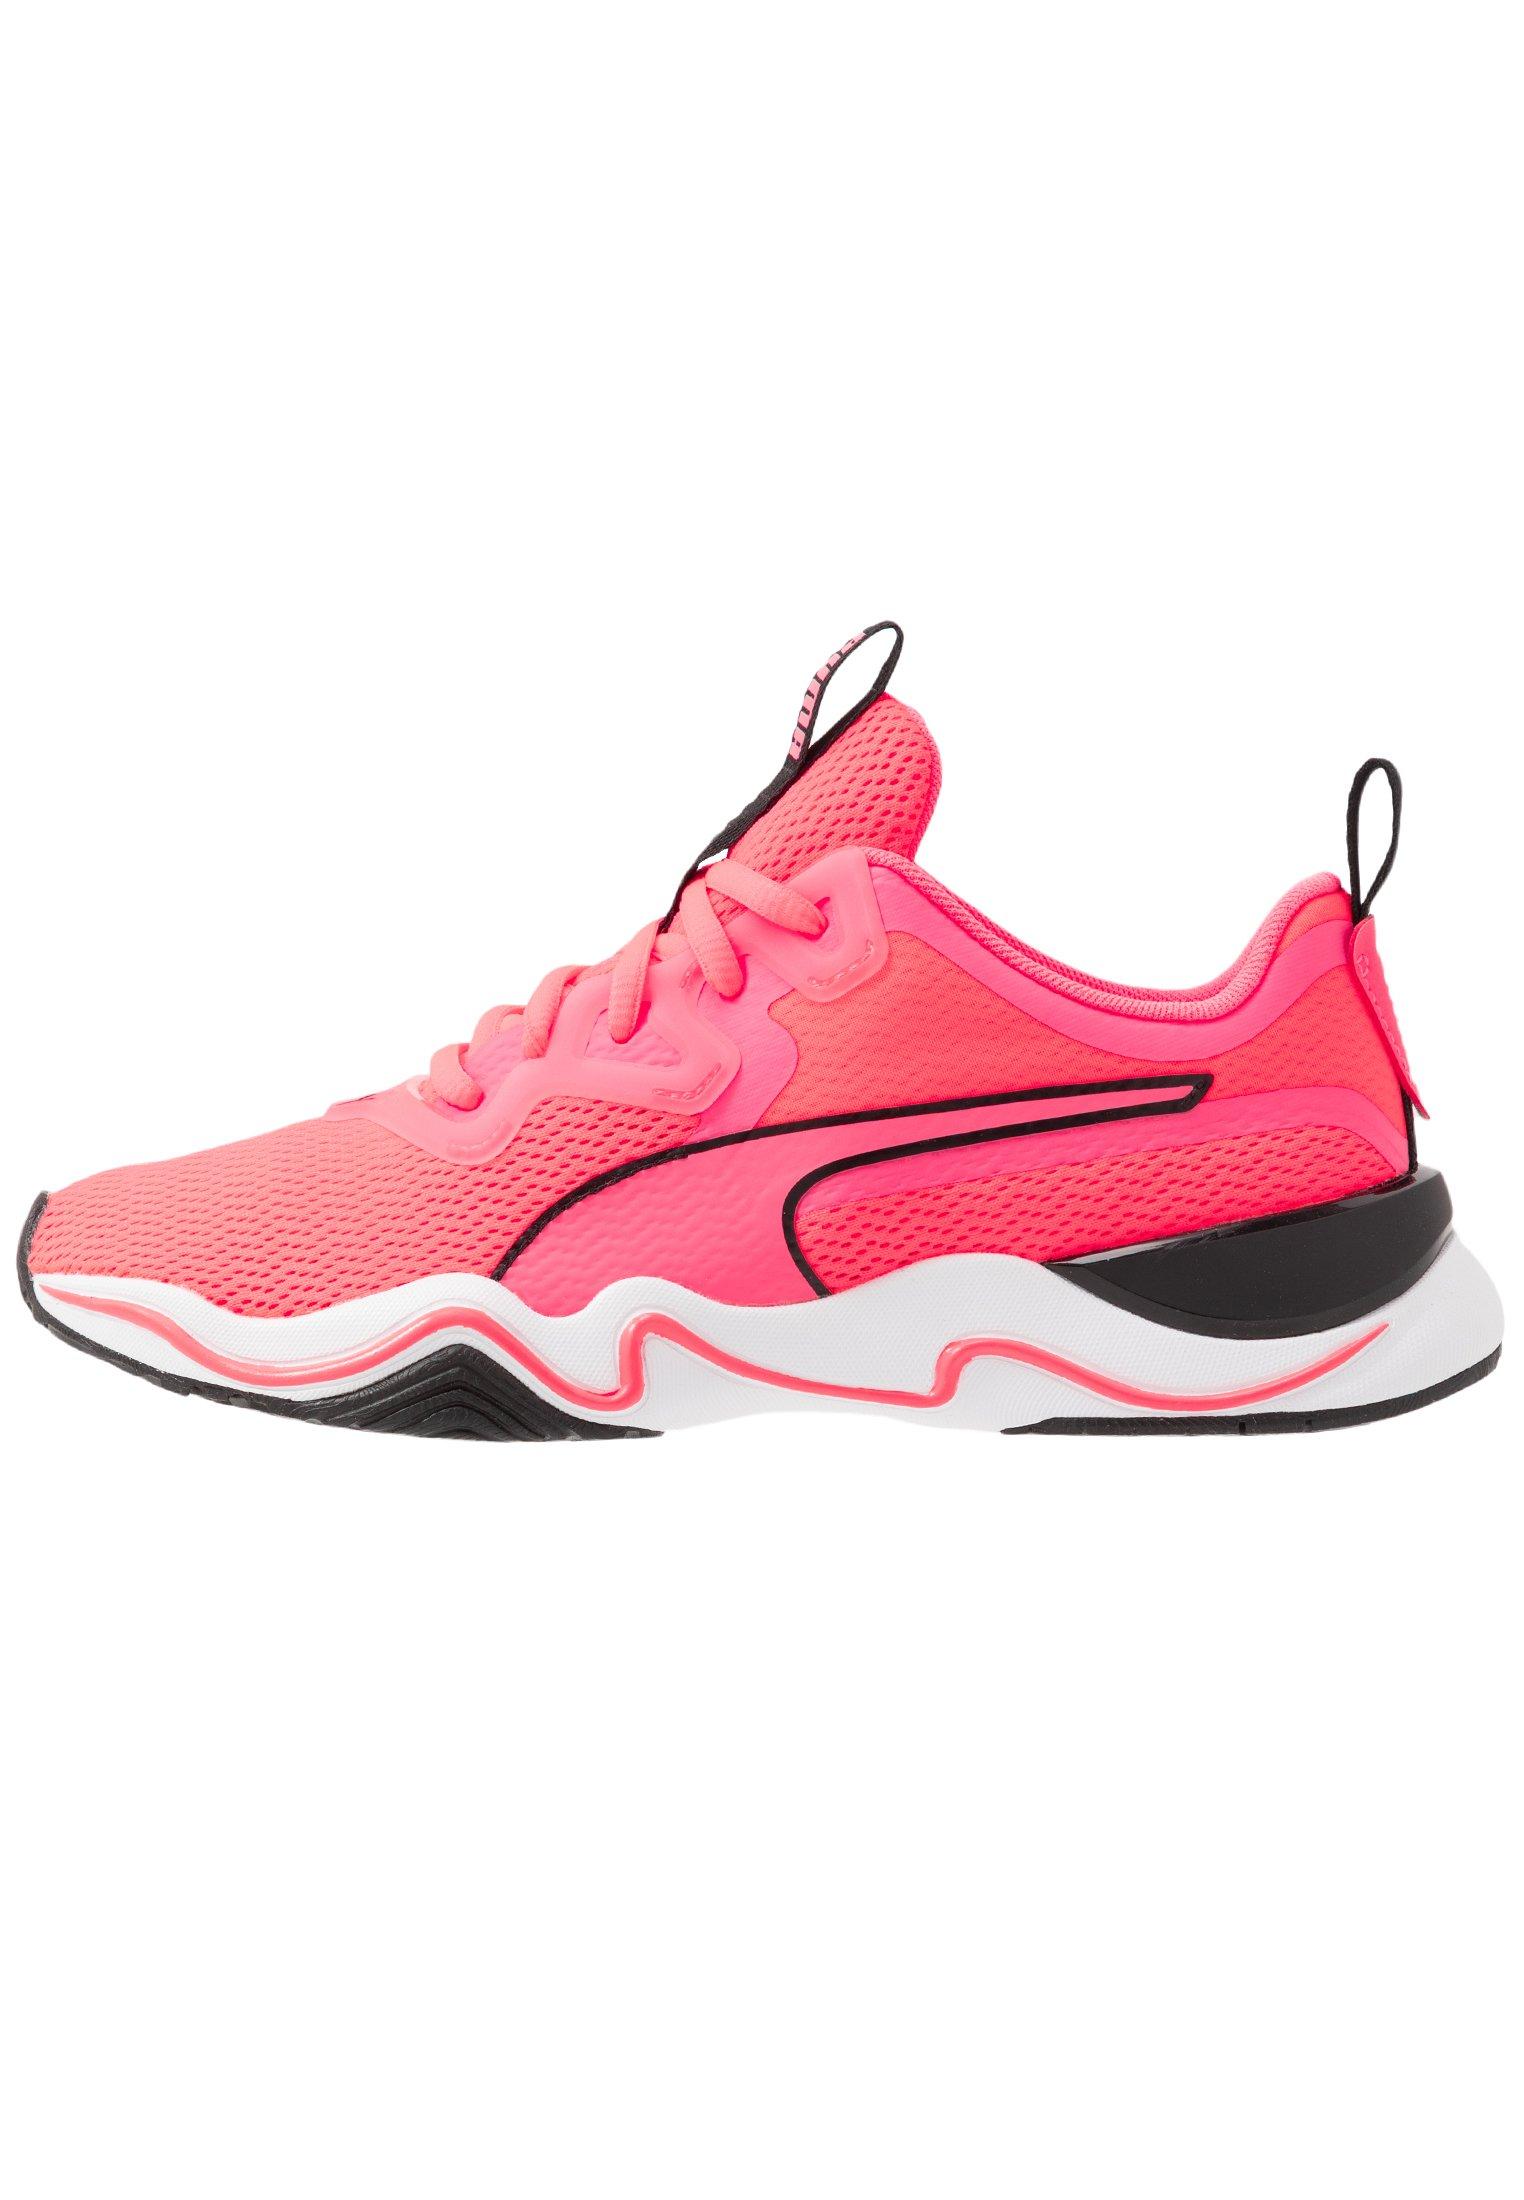 ZONE XT Scarpe da fitness ignite pinkwhite